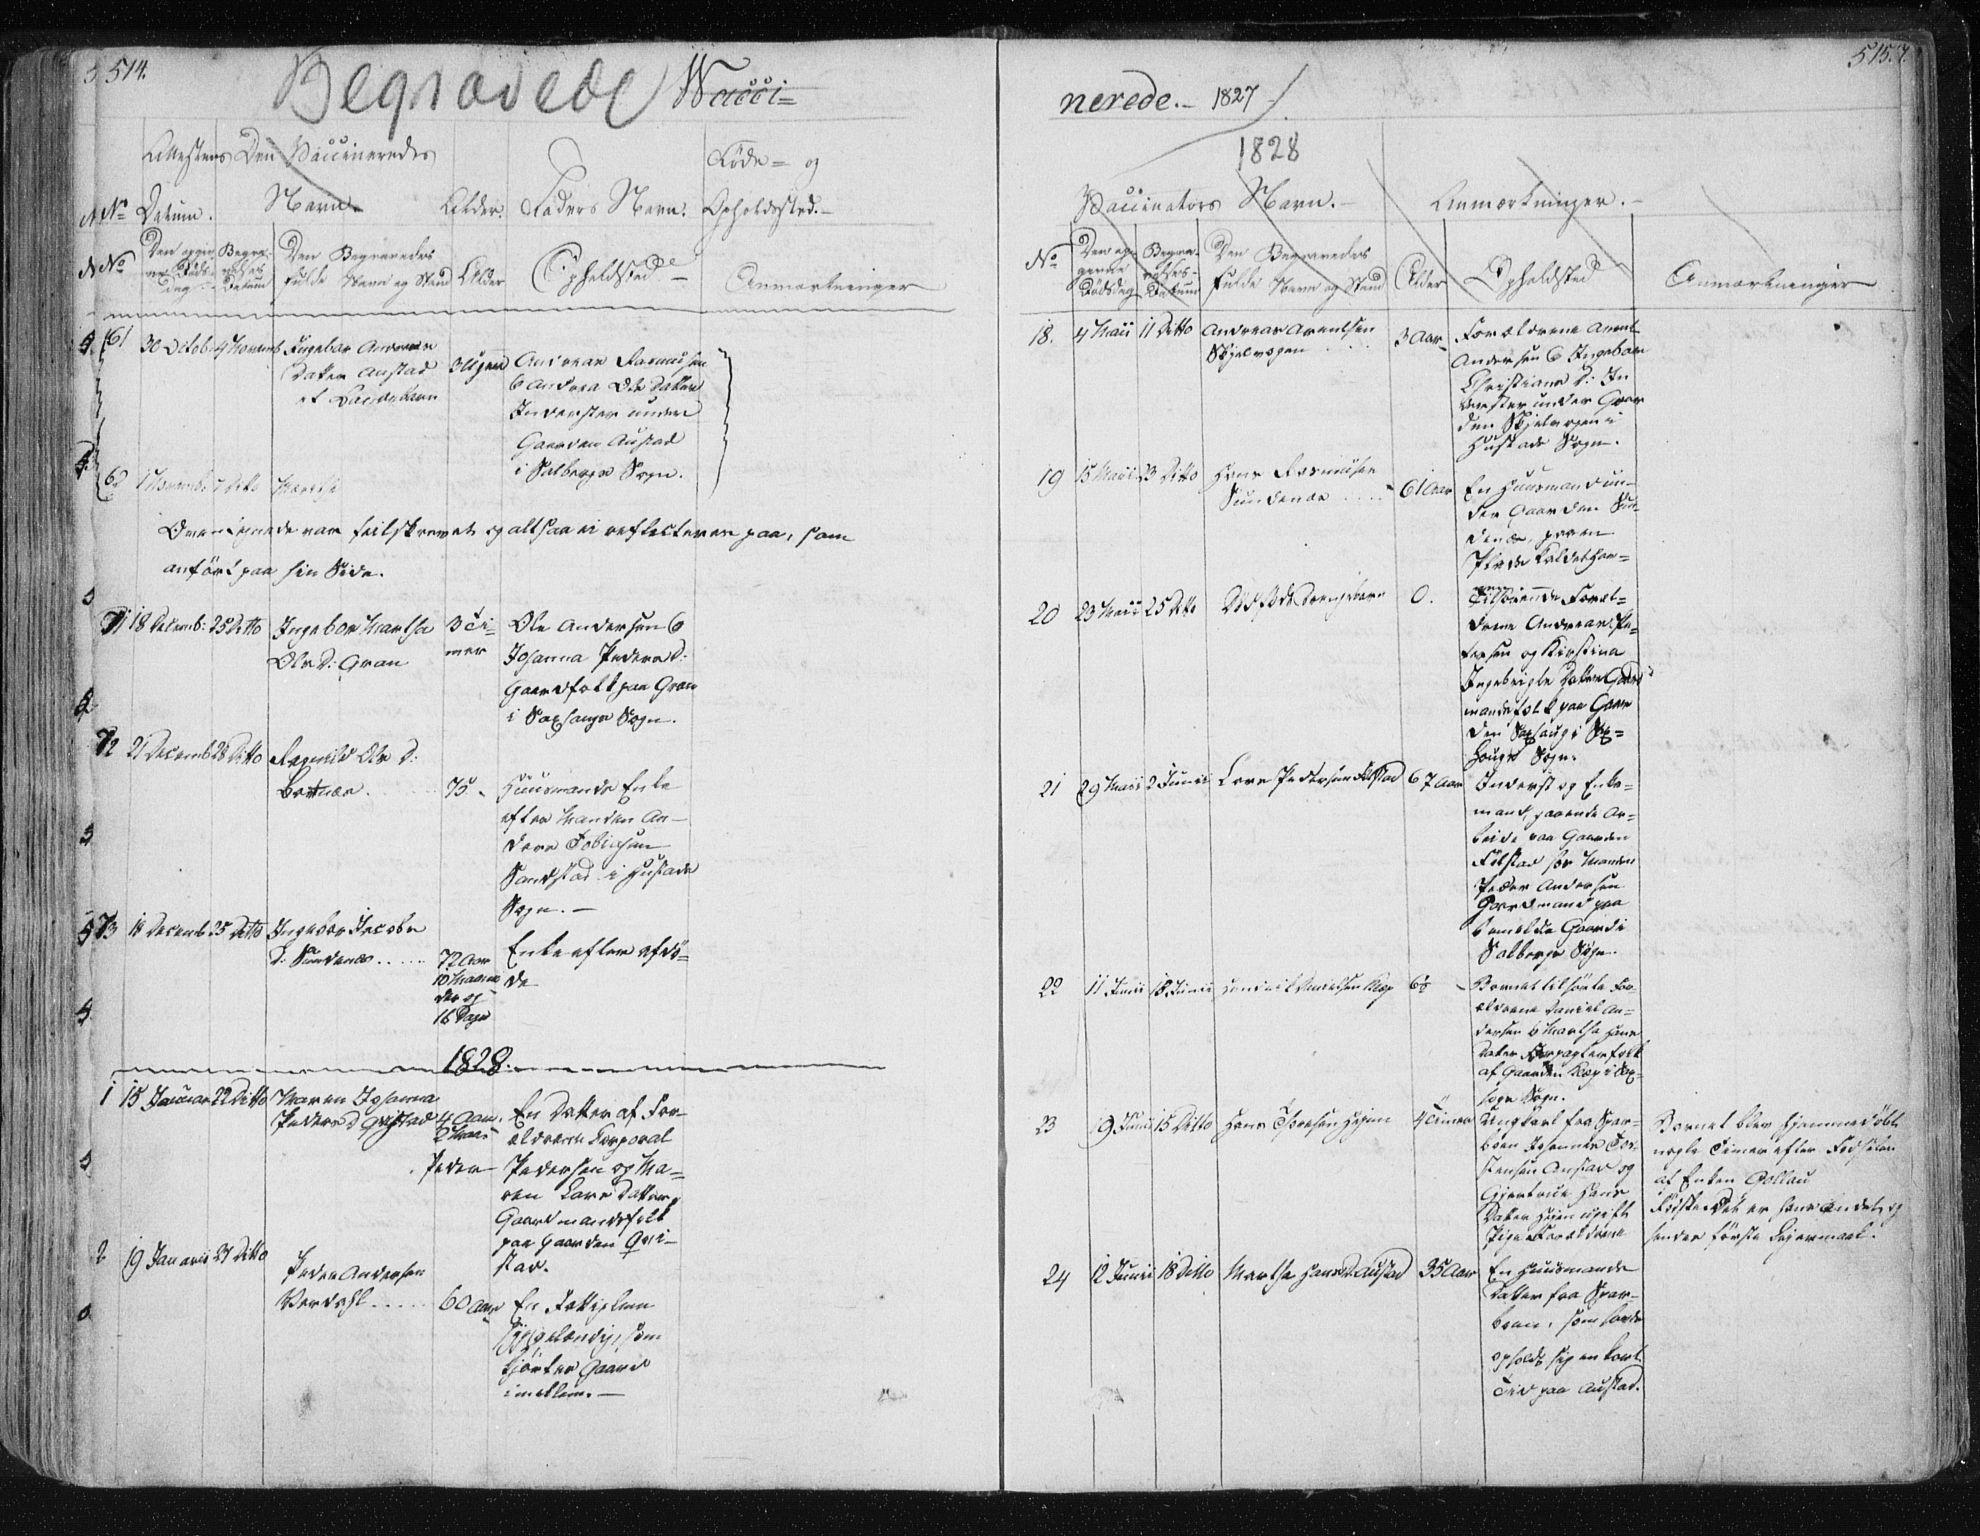 SAT, Ministerialprotokoller, klokkerbøker og fødselsregistre - Nord-Trøndelag, 730/L0276: Ministerialbok nr. 730A05, 1822-1830, s. 514-515